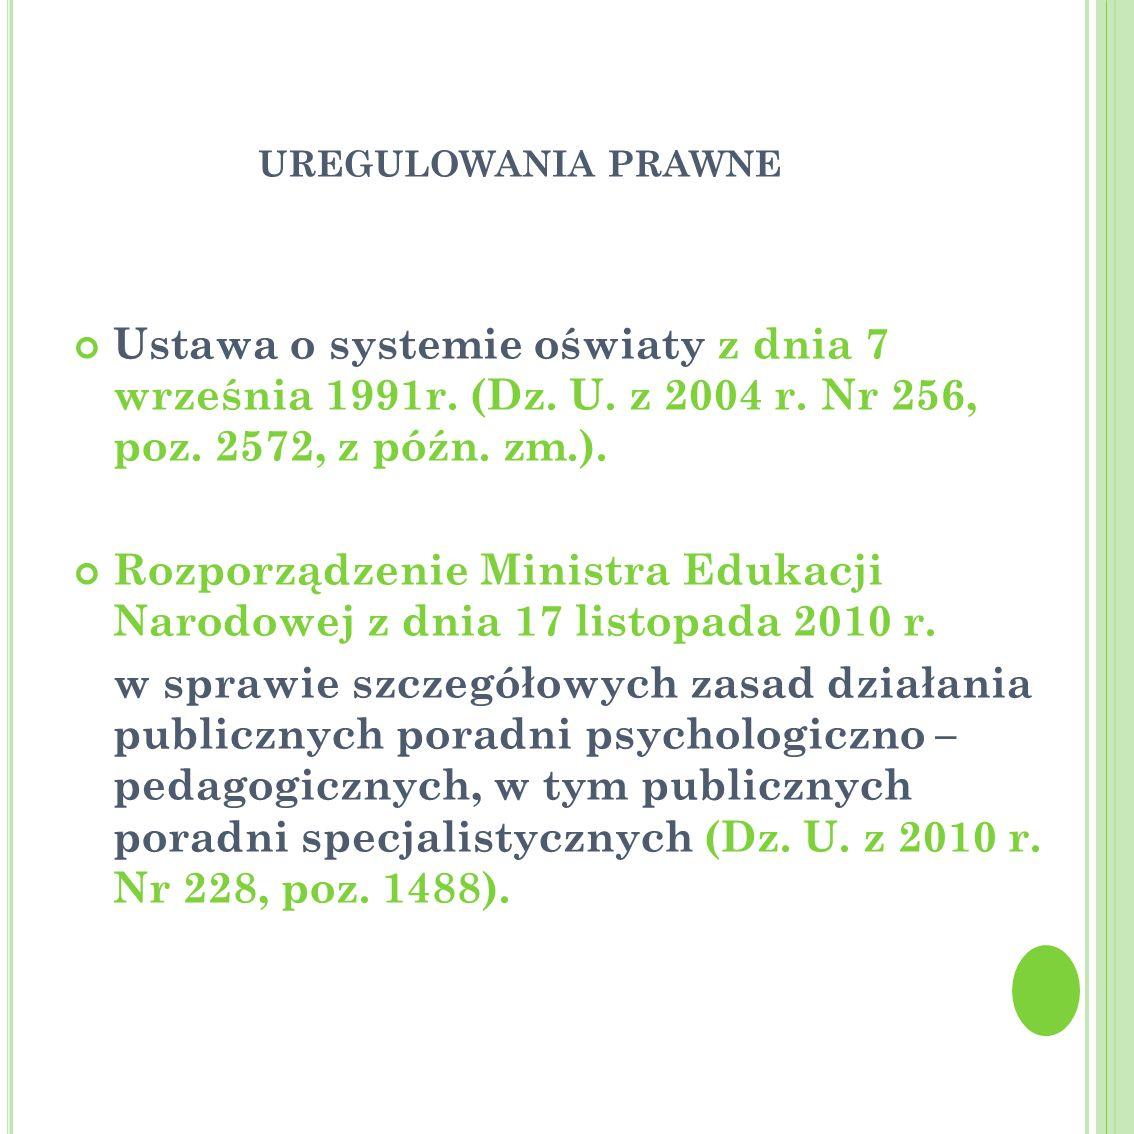 UREGULOWANIA PRAWNE Ustawa o systemie oświaty z dnia 7 września 1991r. (Dz. U. z 2004 r. Nr 256, poz. 2572, z późn. zm.). Rozporządzenie Ministra Eduk